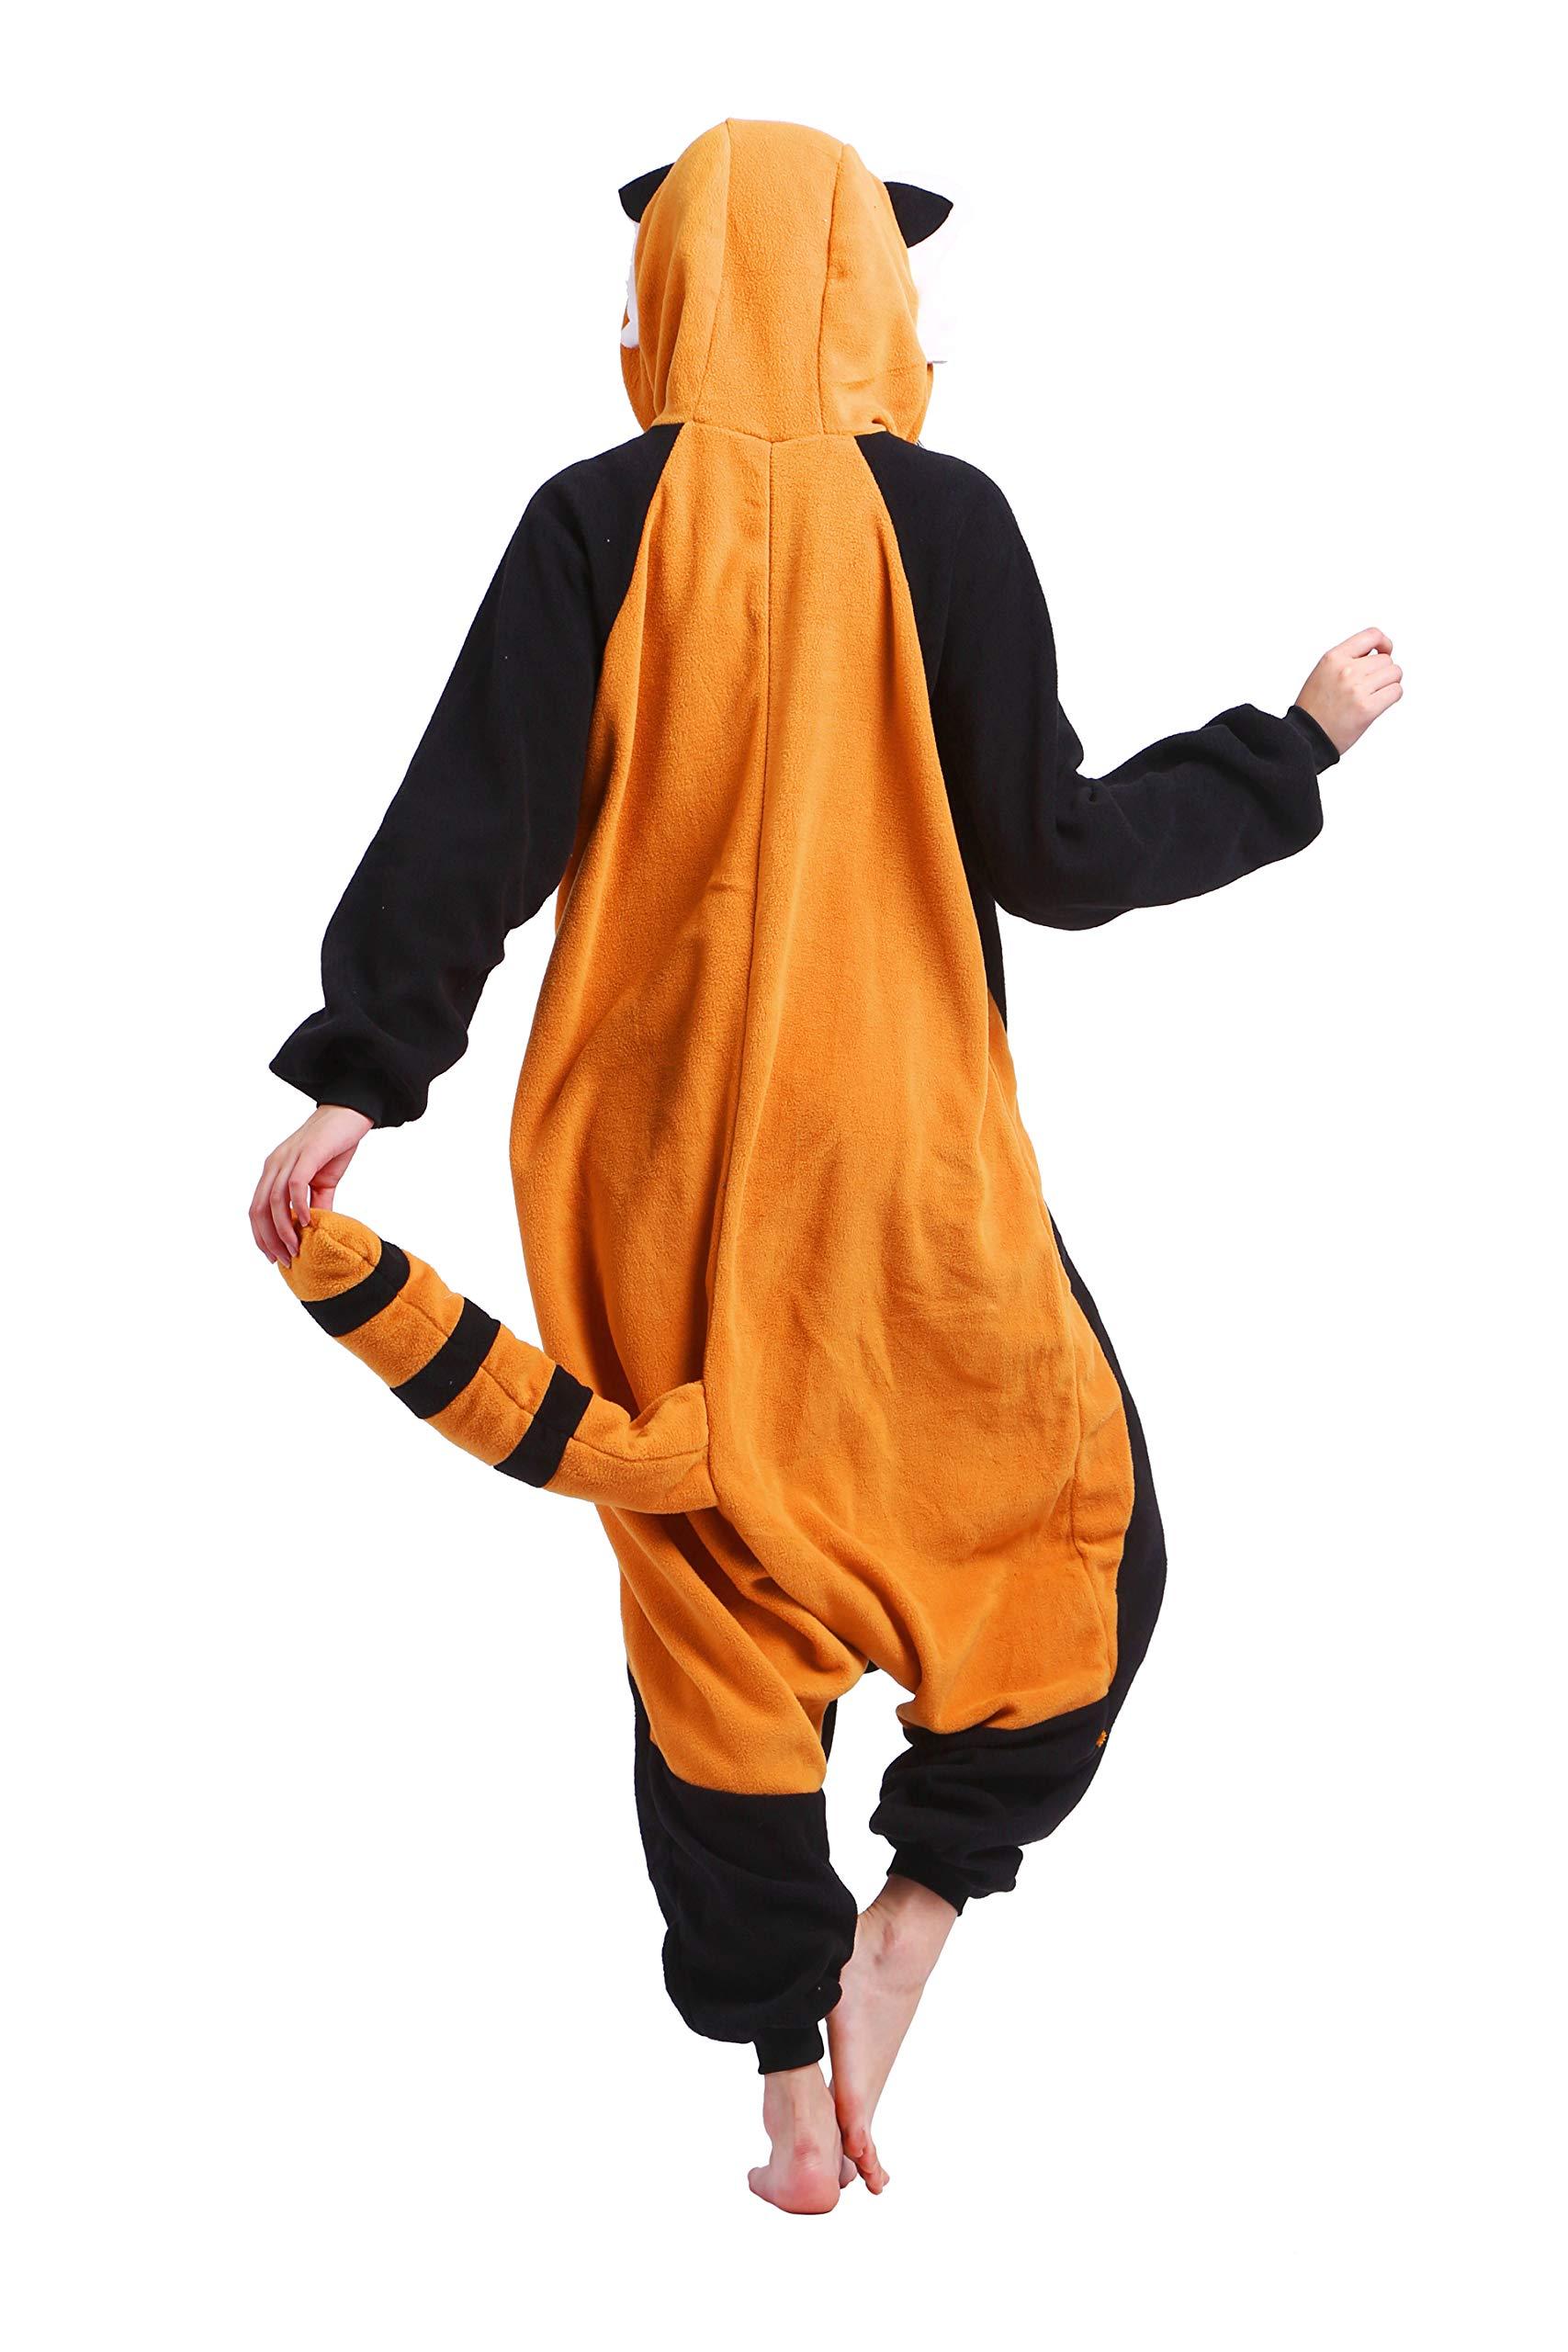 economico per lo sconto 51b38 99b3f Cosplay Donna Gatto Red Panda Animati Kigurumi Animale ...